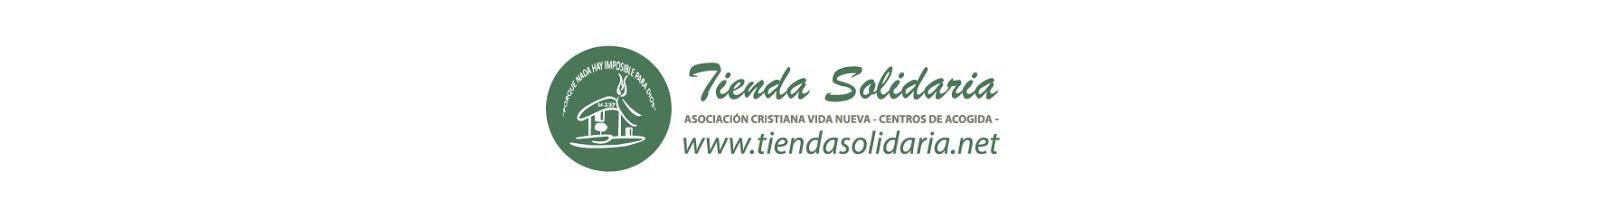 Segunda mano Zaragoza - Tienda Solidaria Vida Nueva